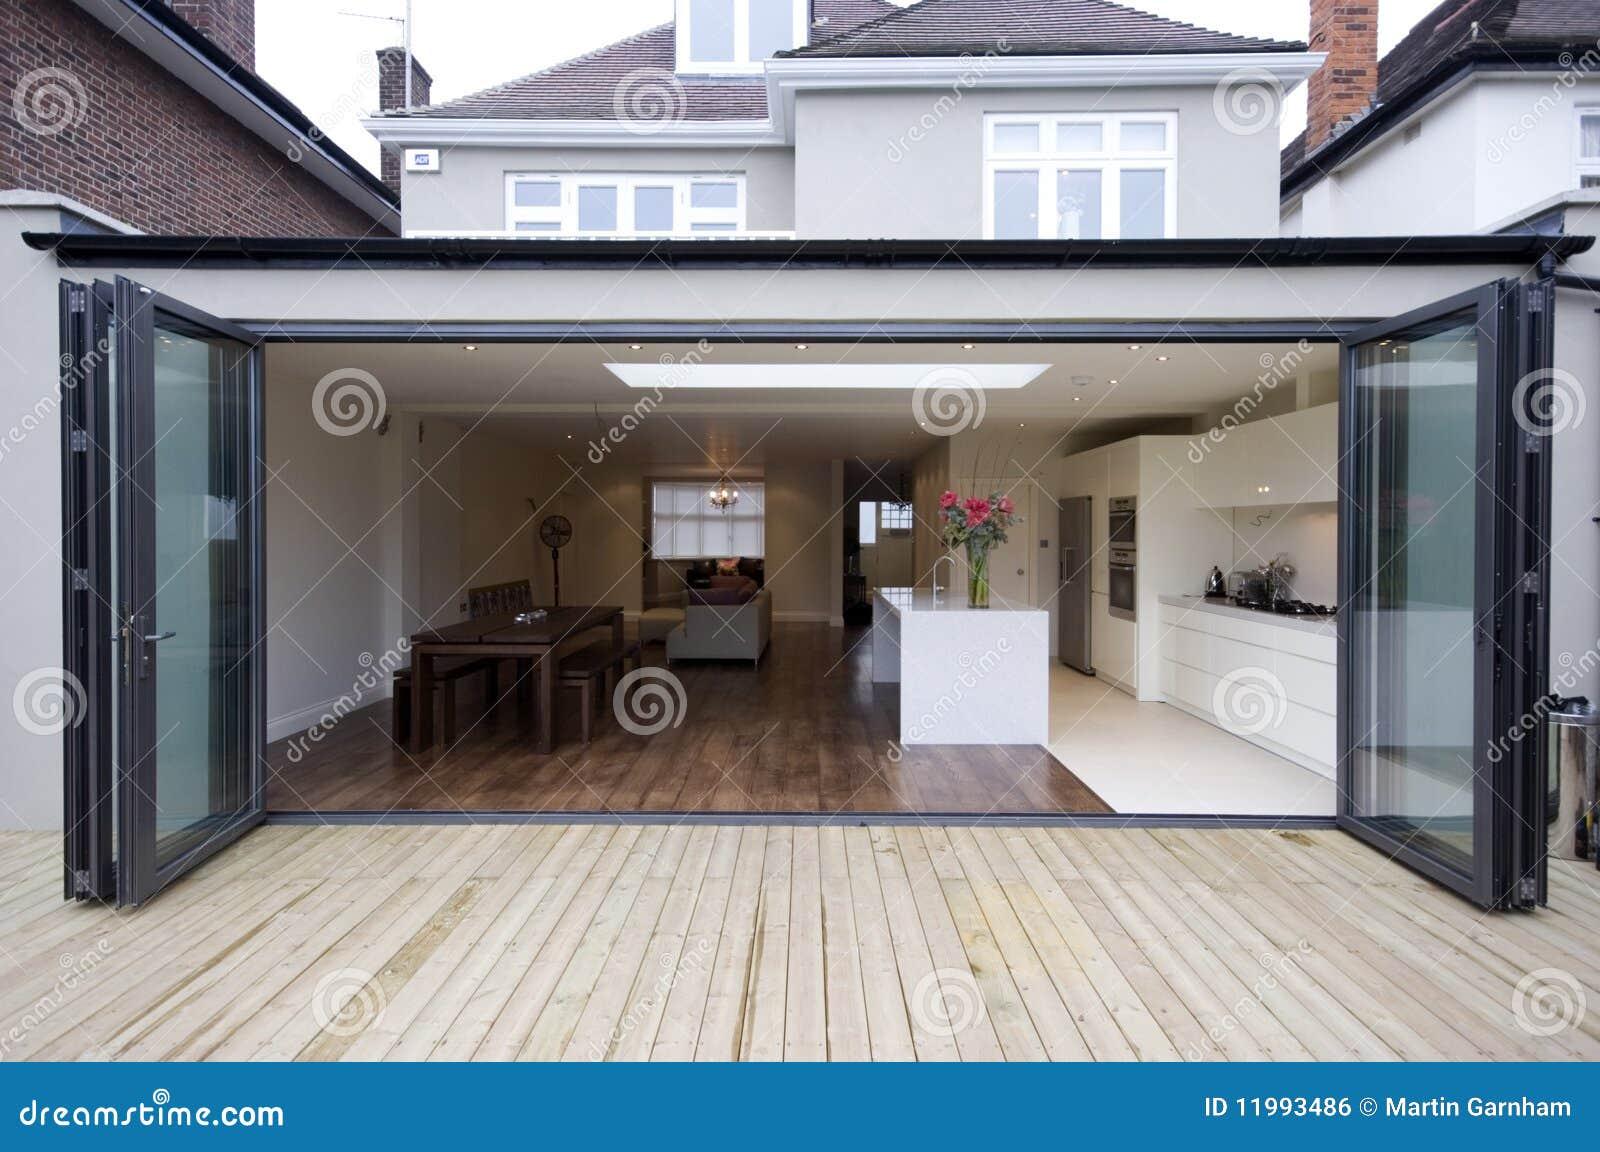 Extension Chambre extension de cuisine de chambre photo stock - image du patio, home